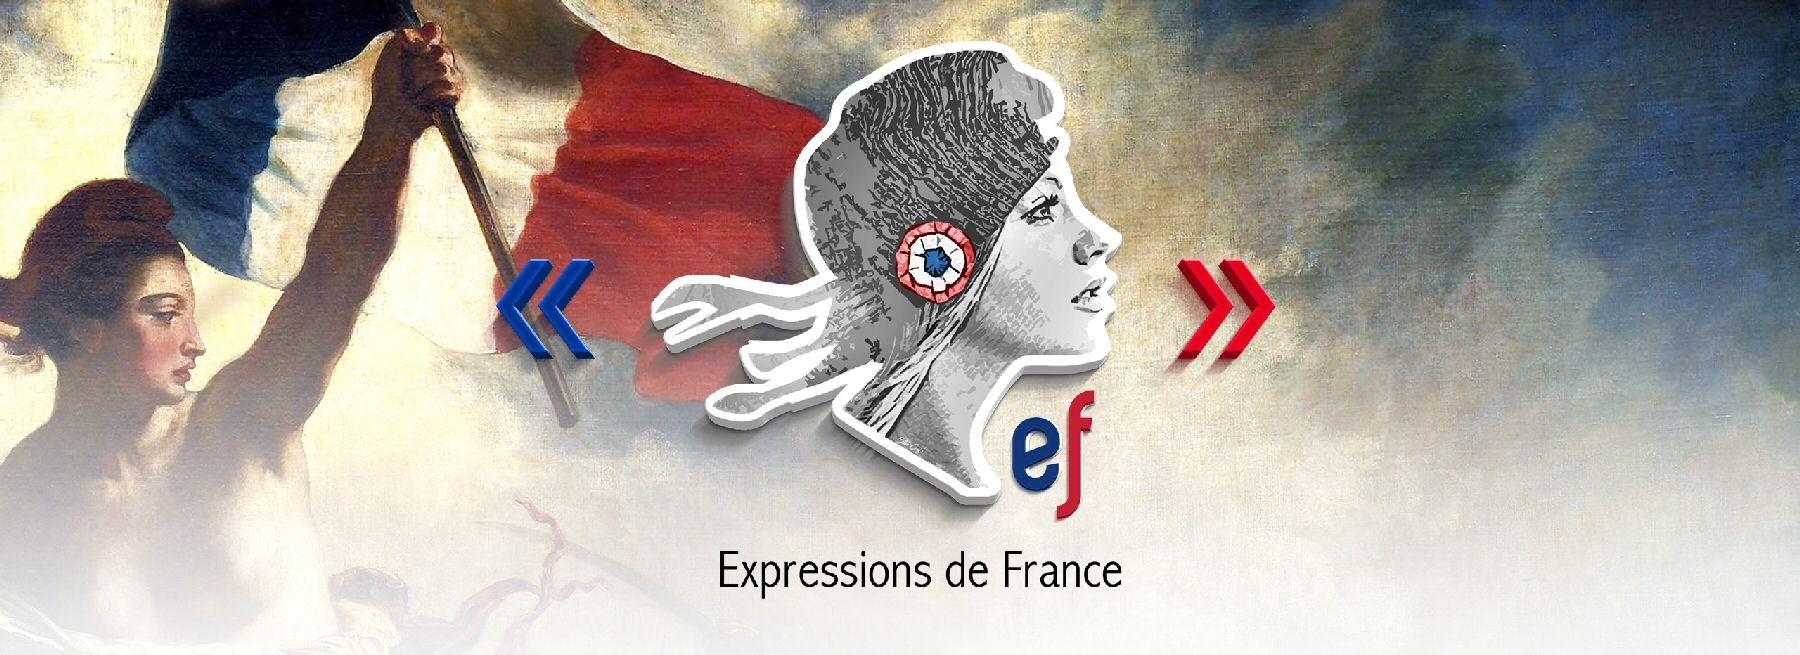 Partenariat Expressions de France